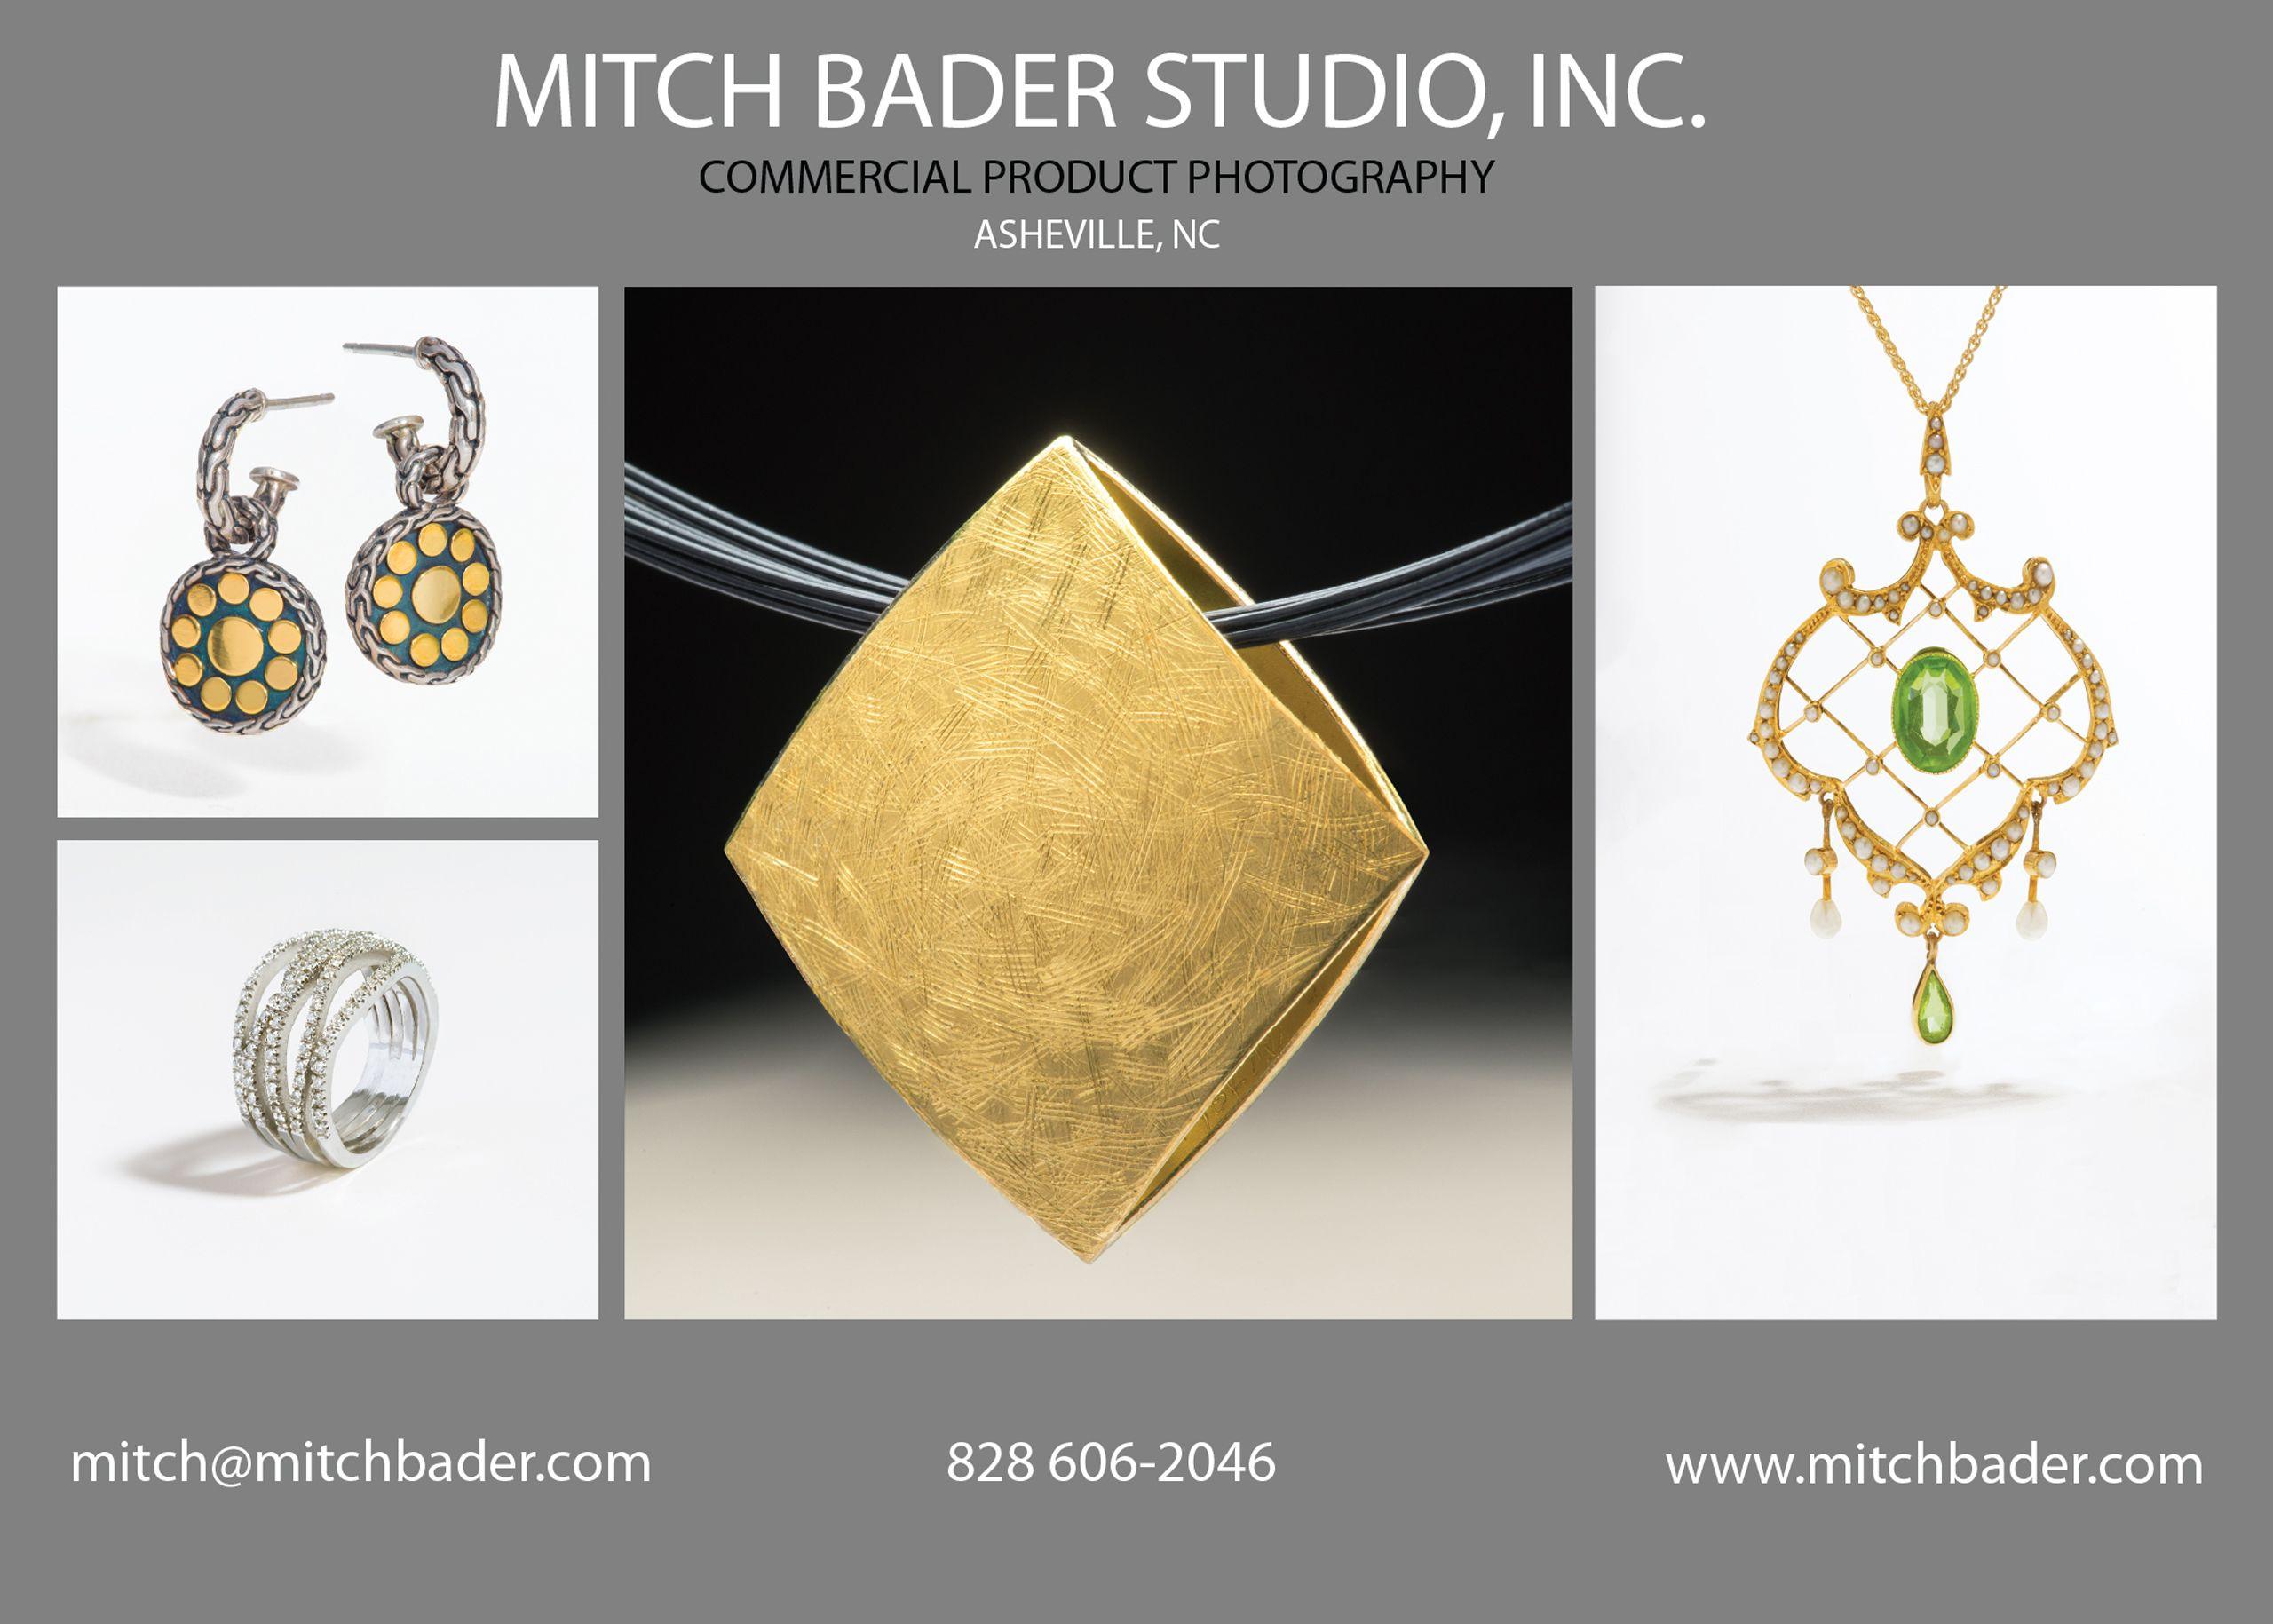 Mitch-Bader-5x7-Frev3-no-bleeds.jpg